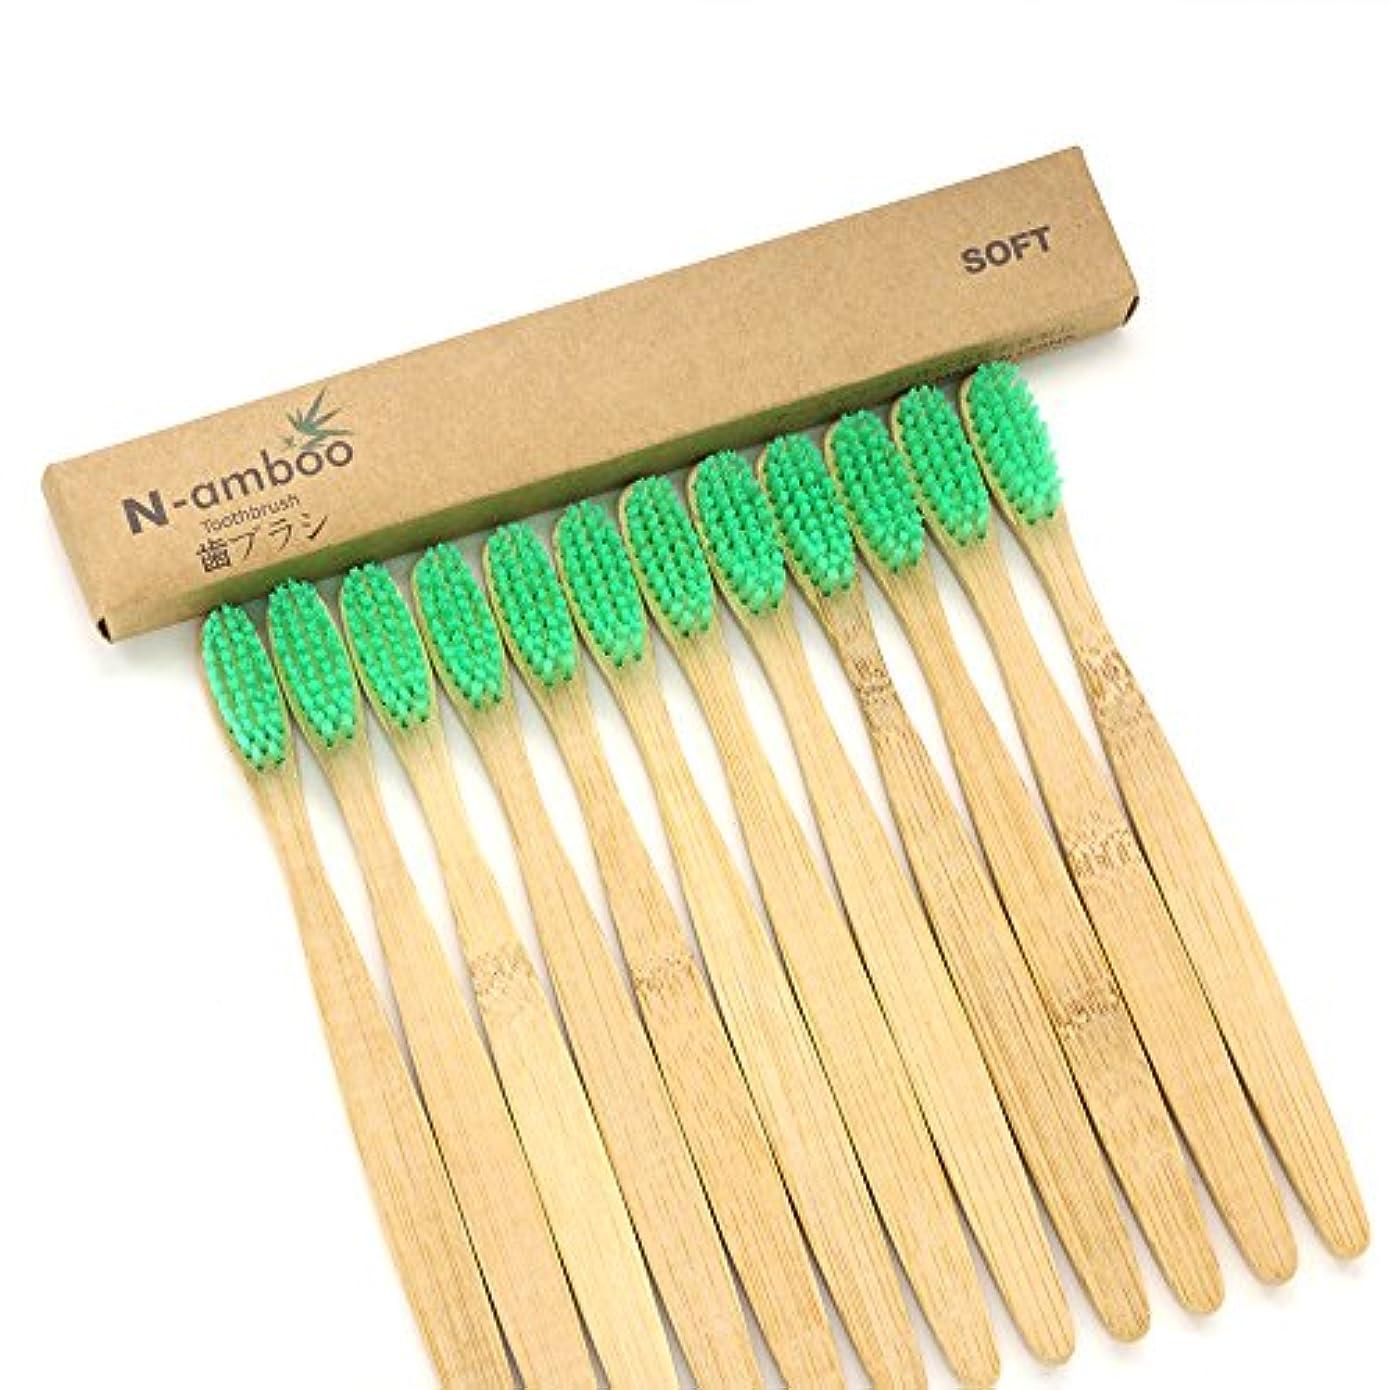 注釈橋脚オーストラリア人N-amboo 竹製 歯ブラシ 高耐久性 セット エコ 軽量 12本入り 緑 セット